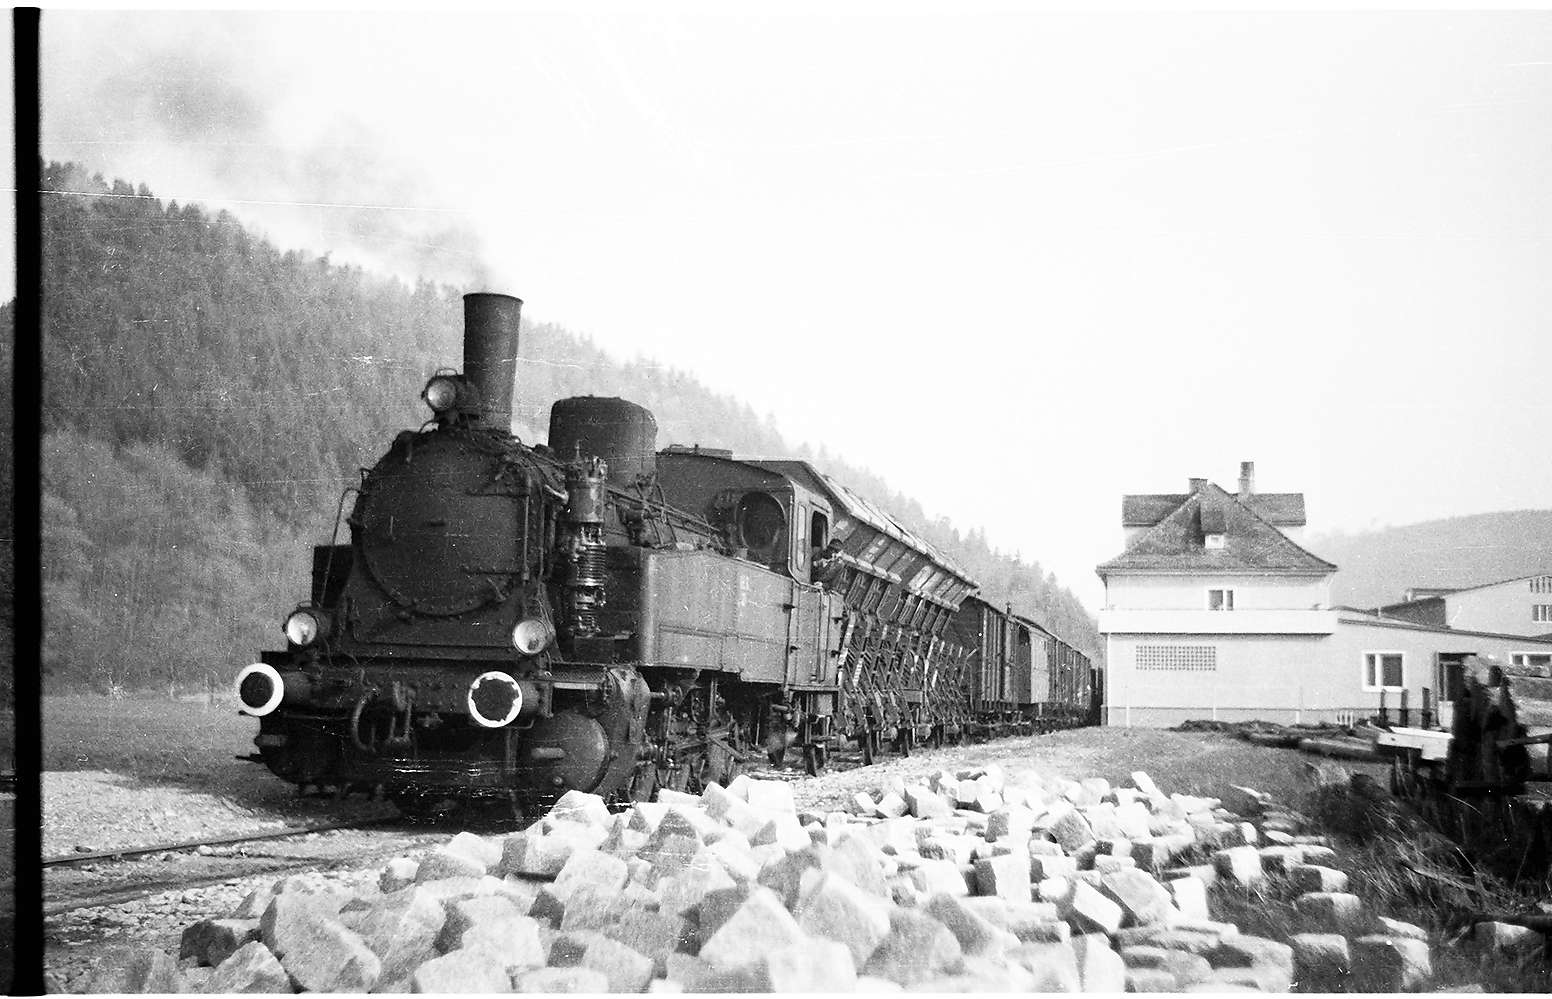 Lok 21, G(St) 305, Bahnhof Bad Imnau, die Betriebsgebäude des Imnauer Apollo-Sprudels wurden immer größer, 2009 von Stilllegung bedroht, Bild 1